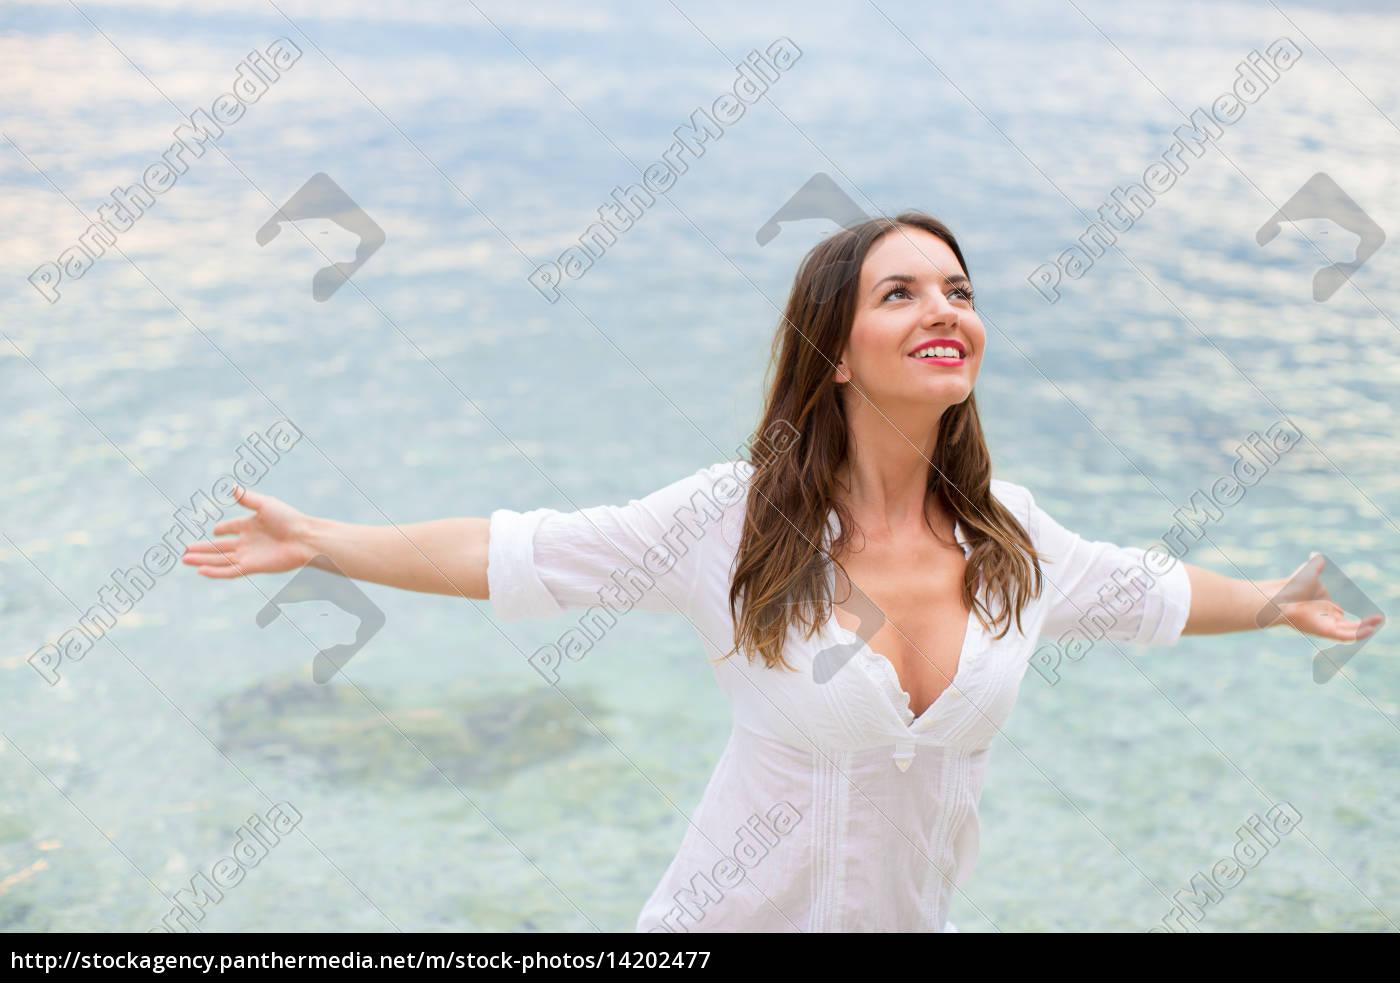 frau, entspannt, sich, am, strand, mit - 14202477